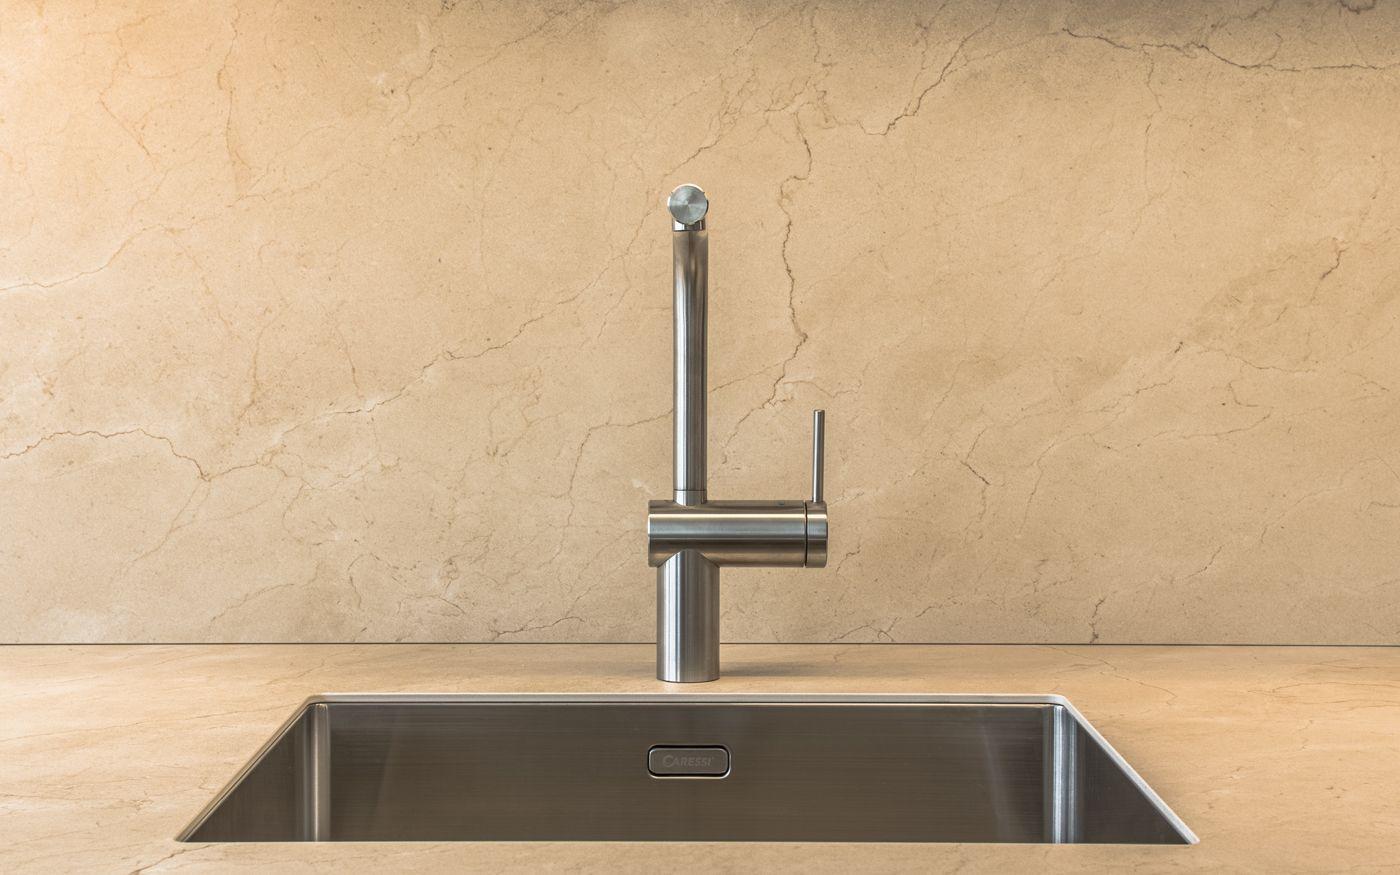 Bora Professional Set Bohm Interieur Abverkauf Tolle Badezimmer Waschbecken Bad Aufbewahrung